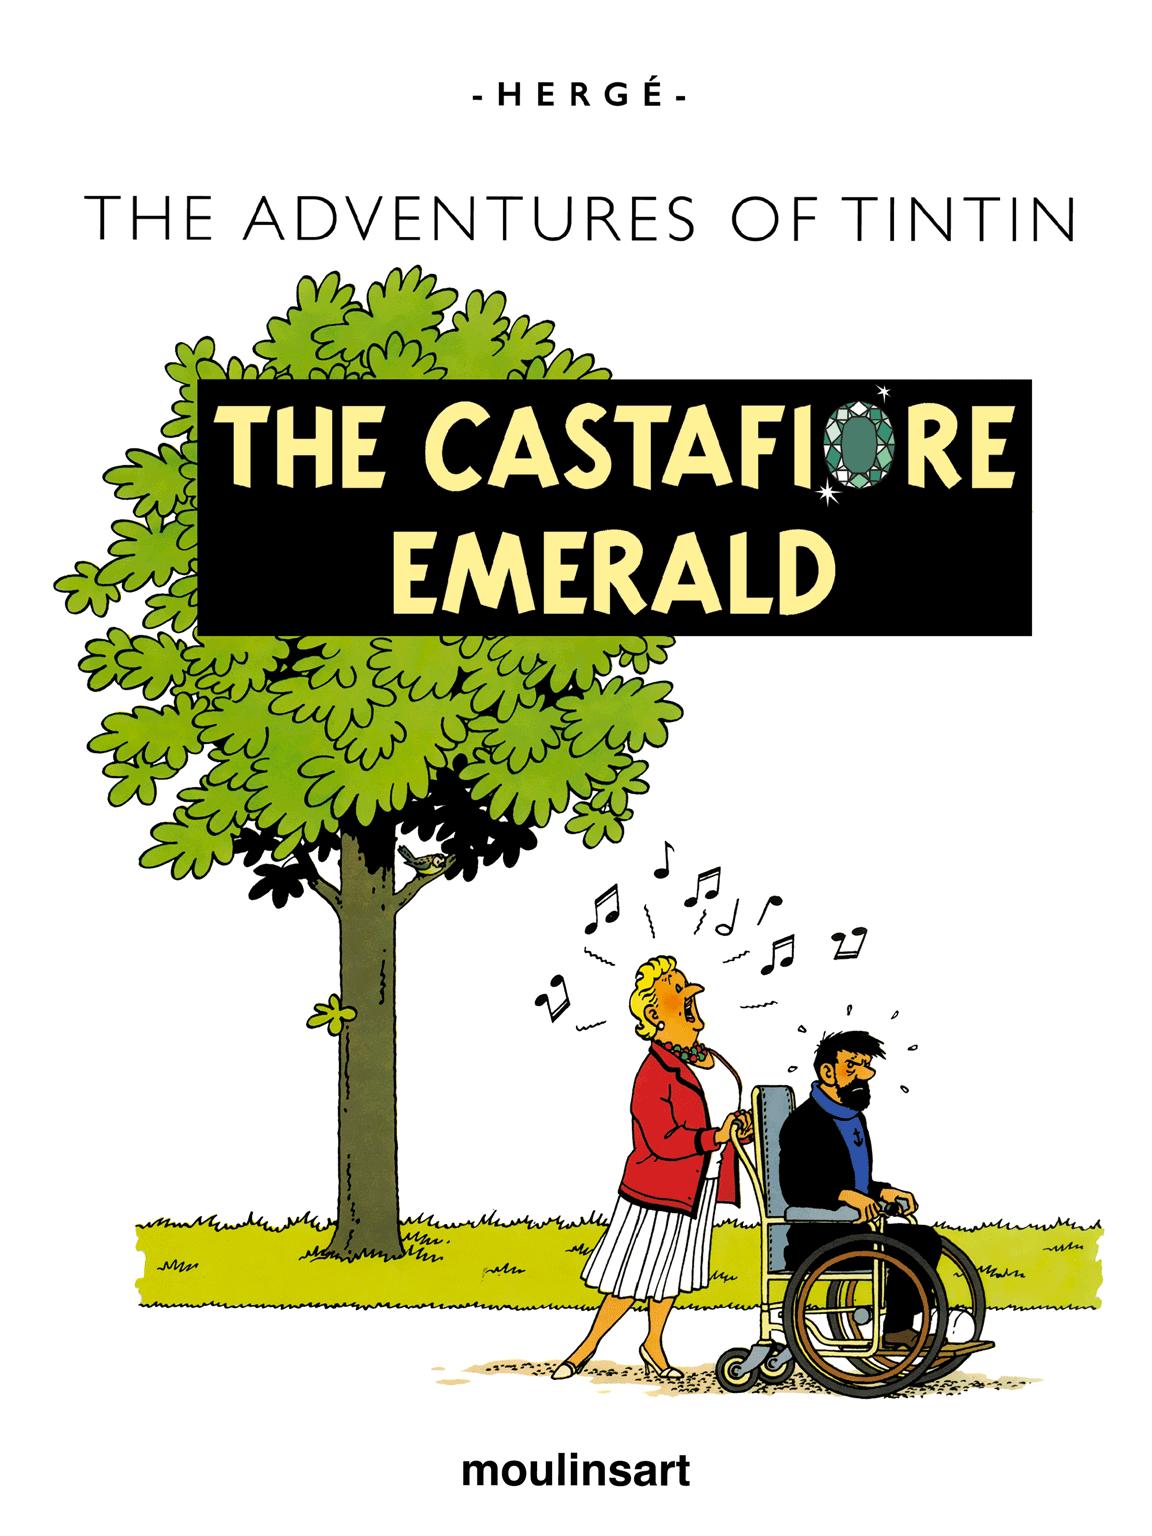 The Castafiore Emerald - Title page